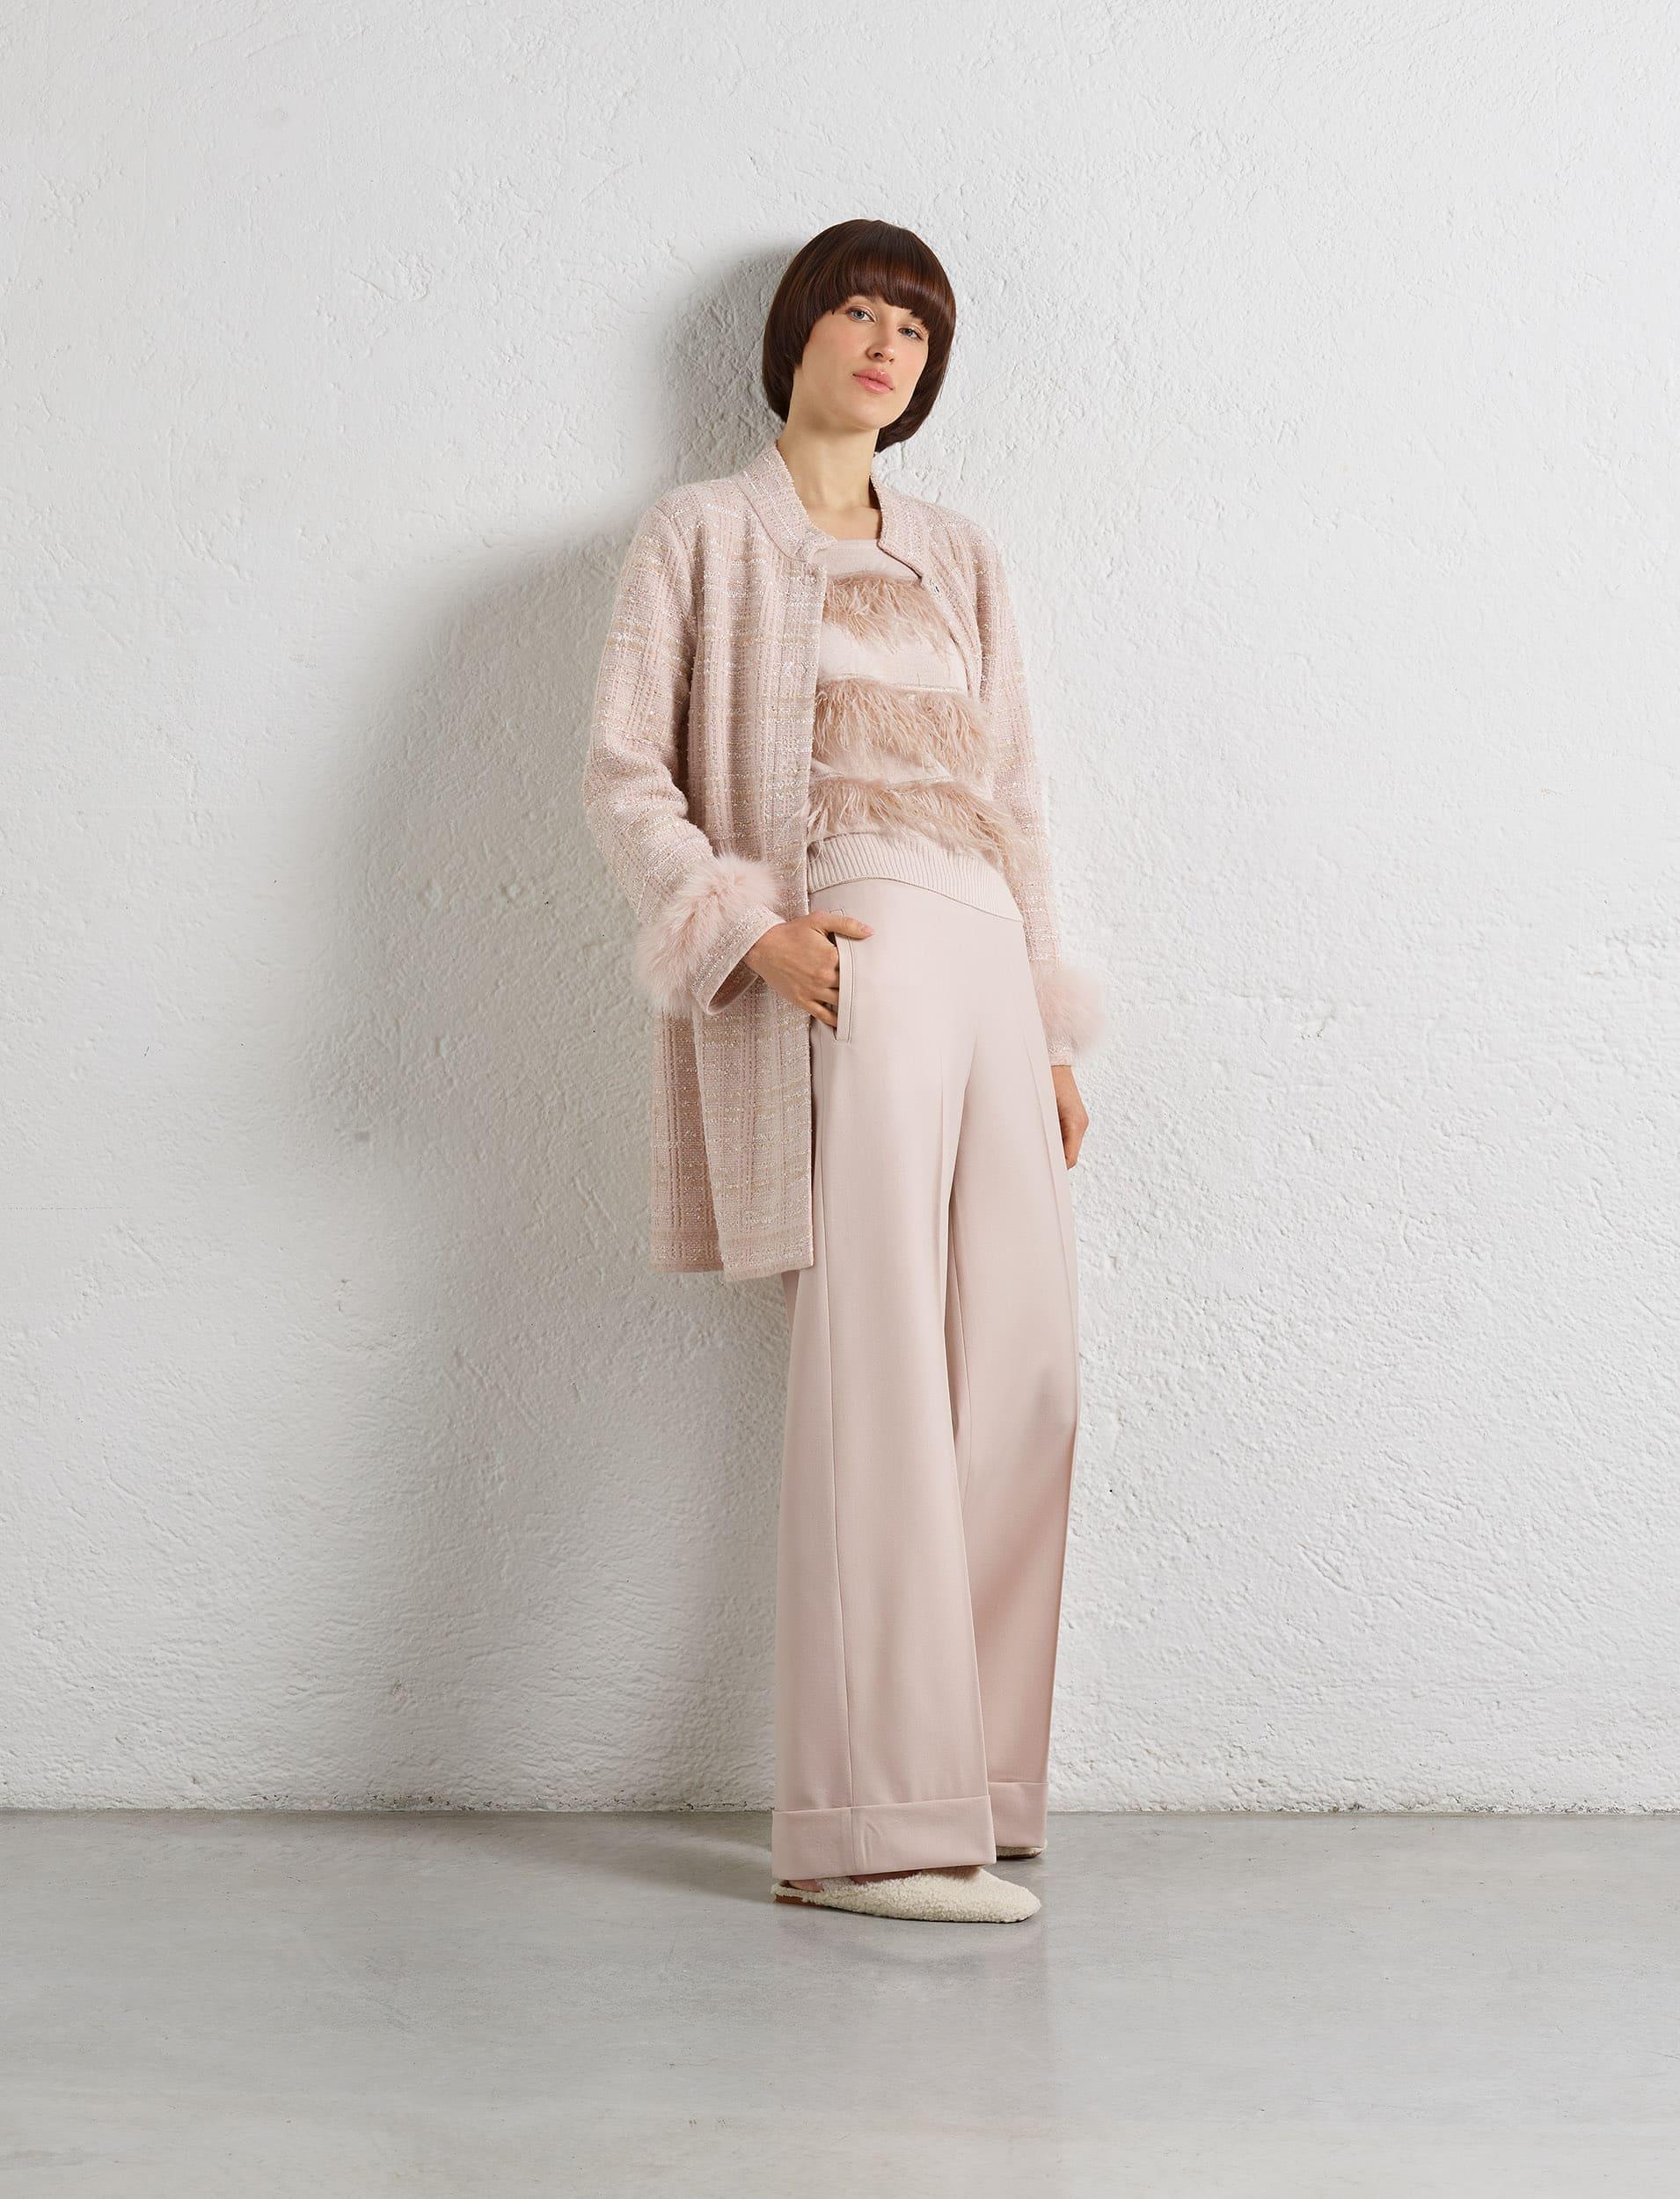 """Eleganter figurbetonter rosa Strickmantel im """"Chanel"""" Stil in leichter Bouclé Optik mit Lurex Details. Schön für elegante Gelegenheiten (z.B. als Brautmutter). Sehr edel im Monocrom Look. Der Mantel ist auch mit einer Jeans sehr chic. Am Rücken hat er in Größe S eine Länge von 93cm, hat vorne zwei Taschen und ist mit versteckten Druckknöpfe zu schließen. Auf den Ärmeln ist ein Pelz Detail, den man auch abknöpfen kann."""